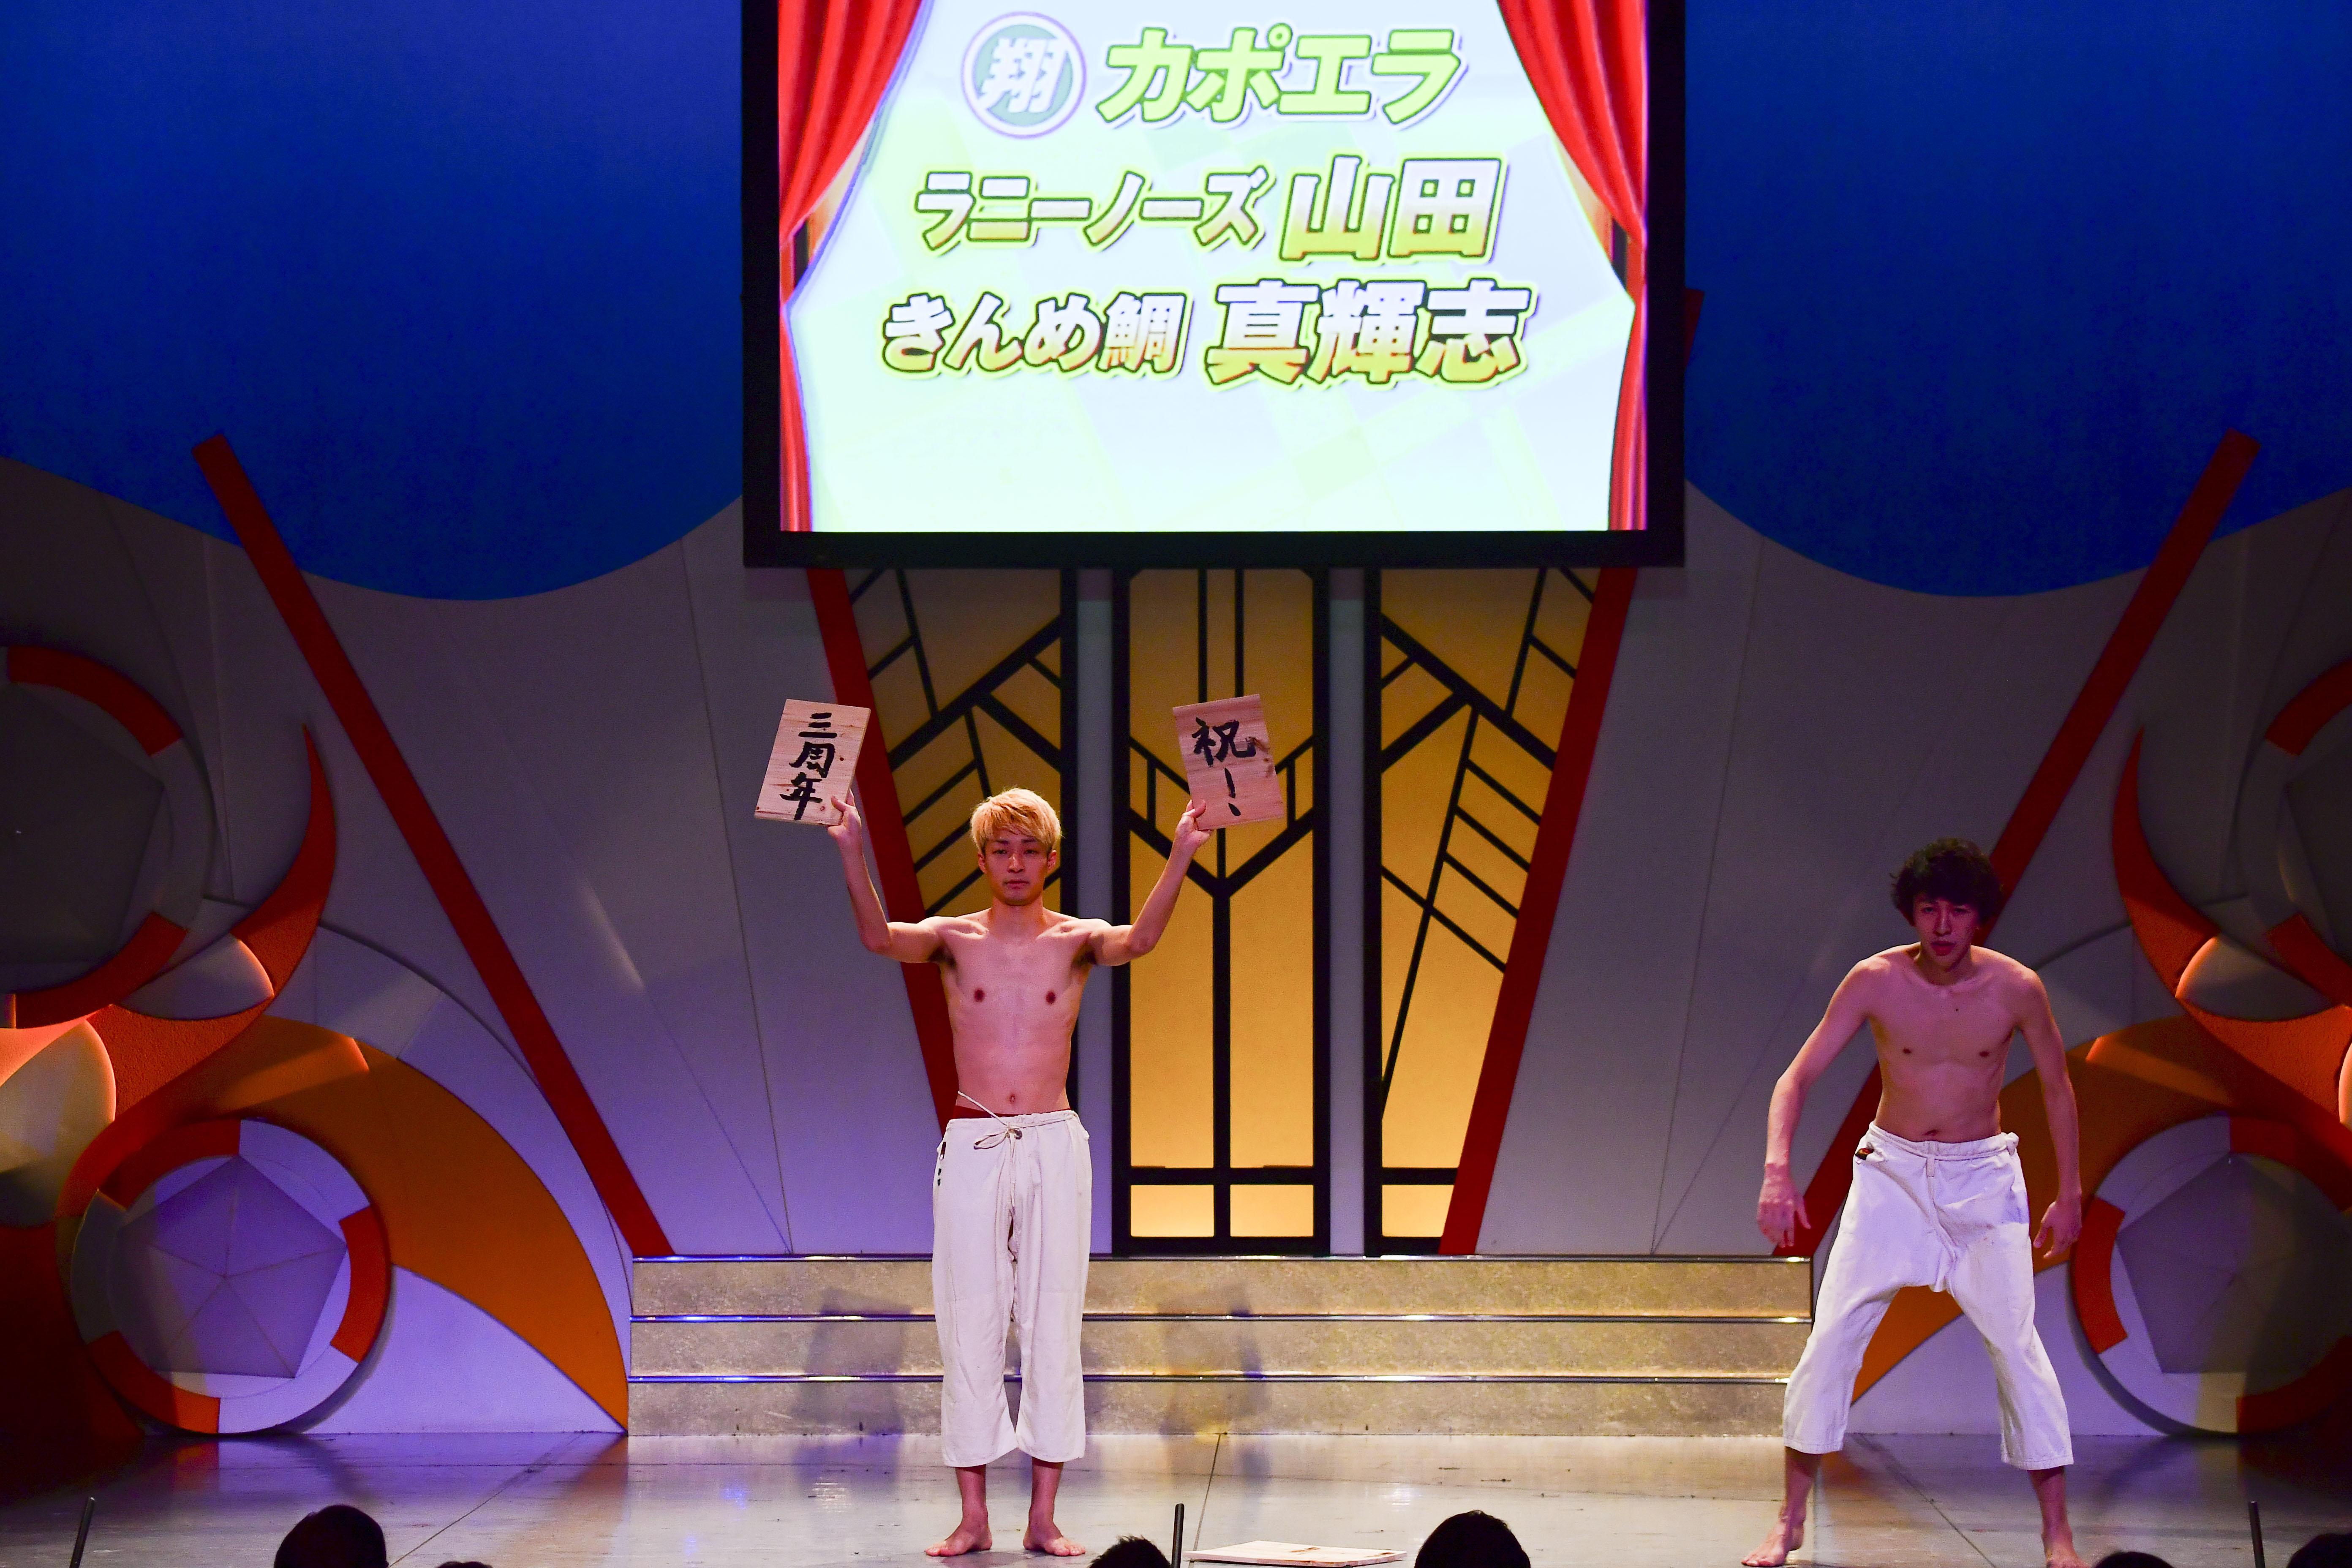 http://news.yoshimoto.co.jp/20171201190032-48b03a323f8a02ae7f0461e72b4d9efeaaf19b44.jpg